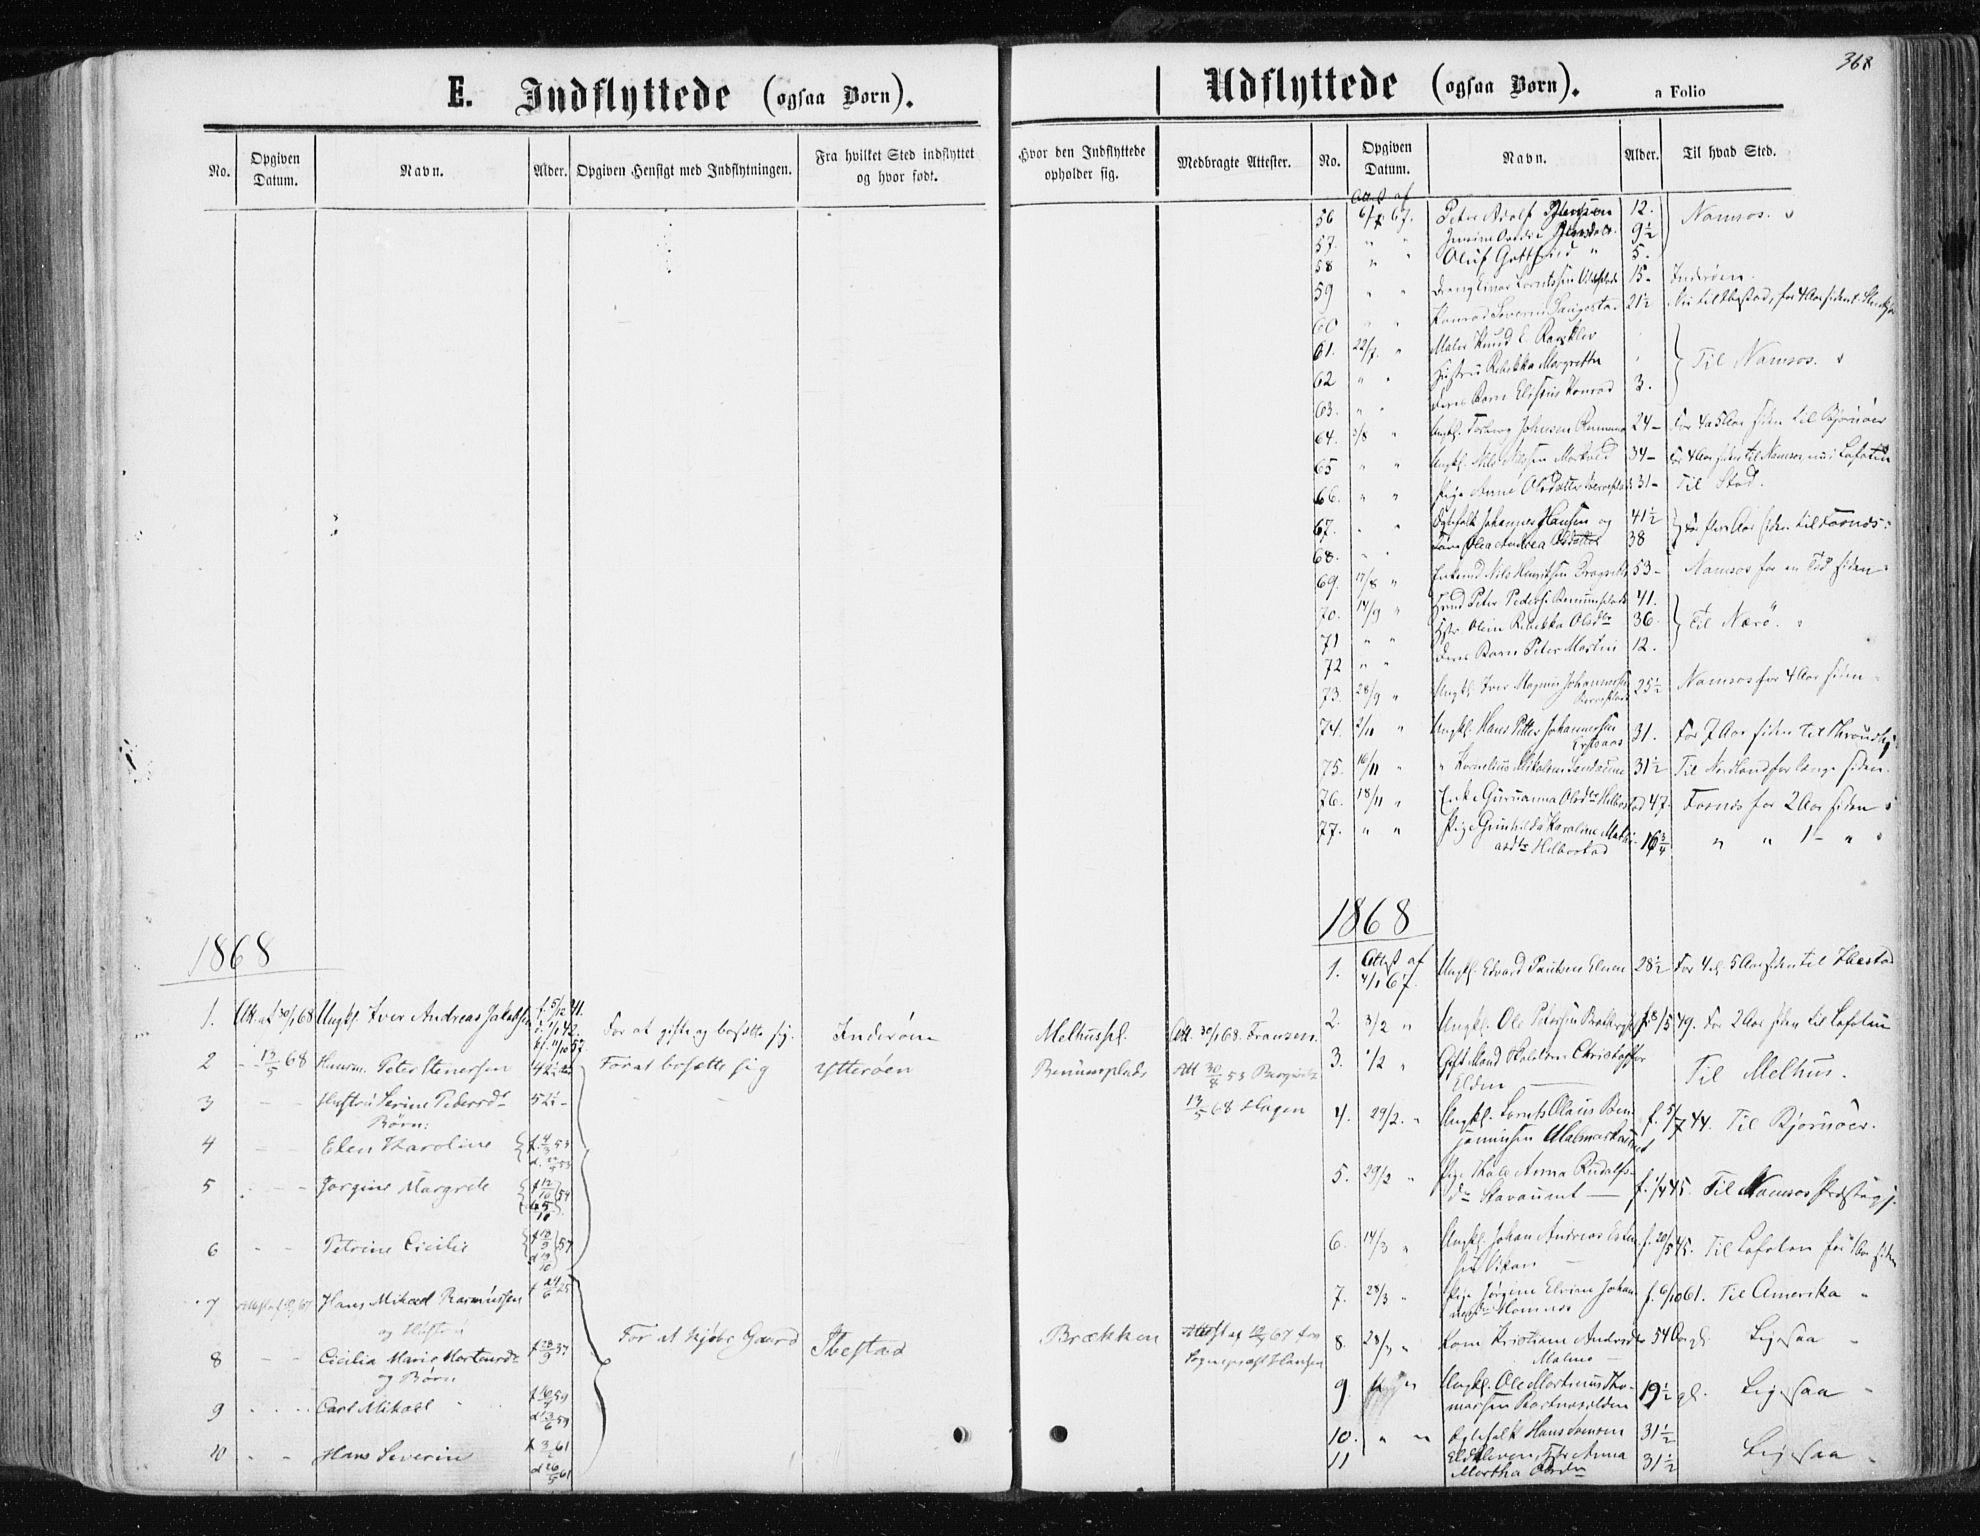 SAT, Ministerialprotokoller, klokkerbøker og fødselsregistre - Nord-Trøndelag, 741/L0394: Ministerialbok nr. 741A08, 1864-1877, s. 368